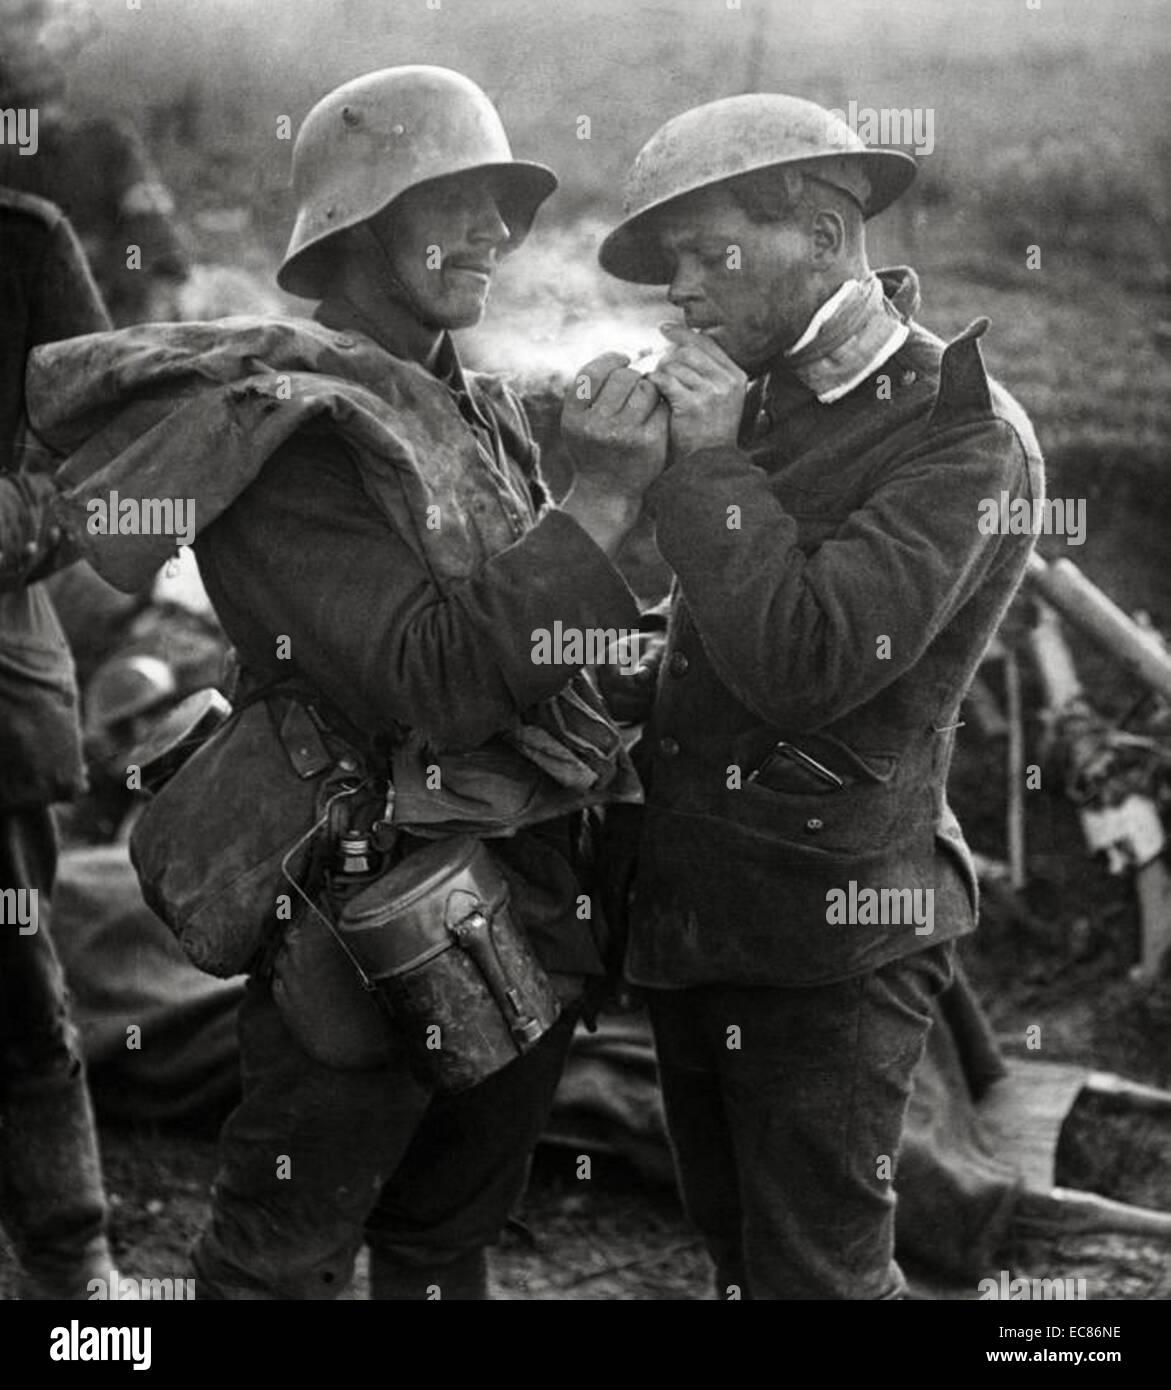 Deutscher Soldat, einem britischen Soldat ein Licht \